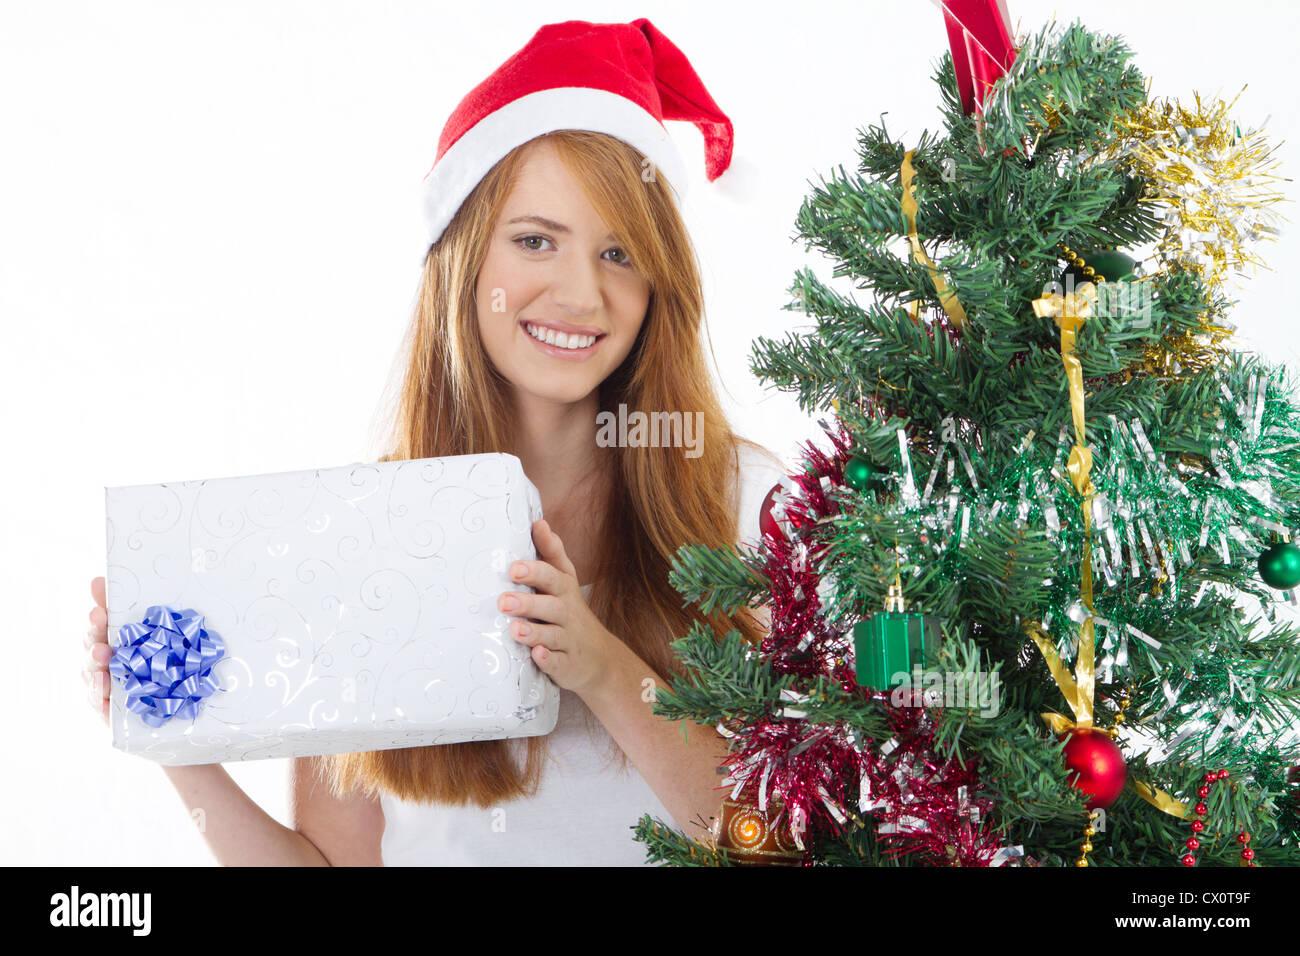 Teen Mädchen halten Weihnachtsgeschenk Stockfoto, Bild: 50420875 - Alamy